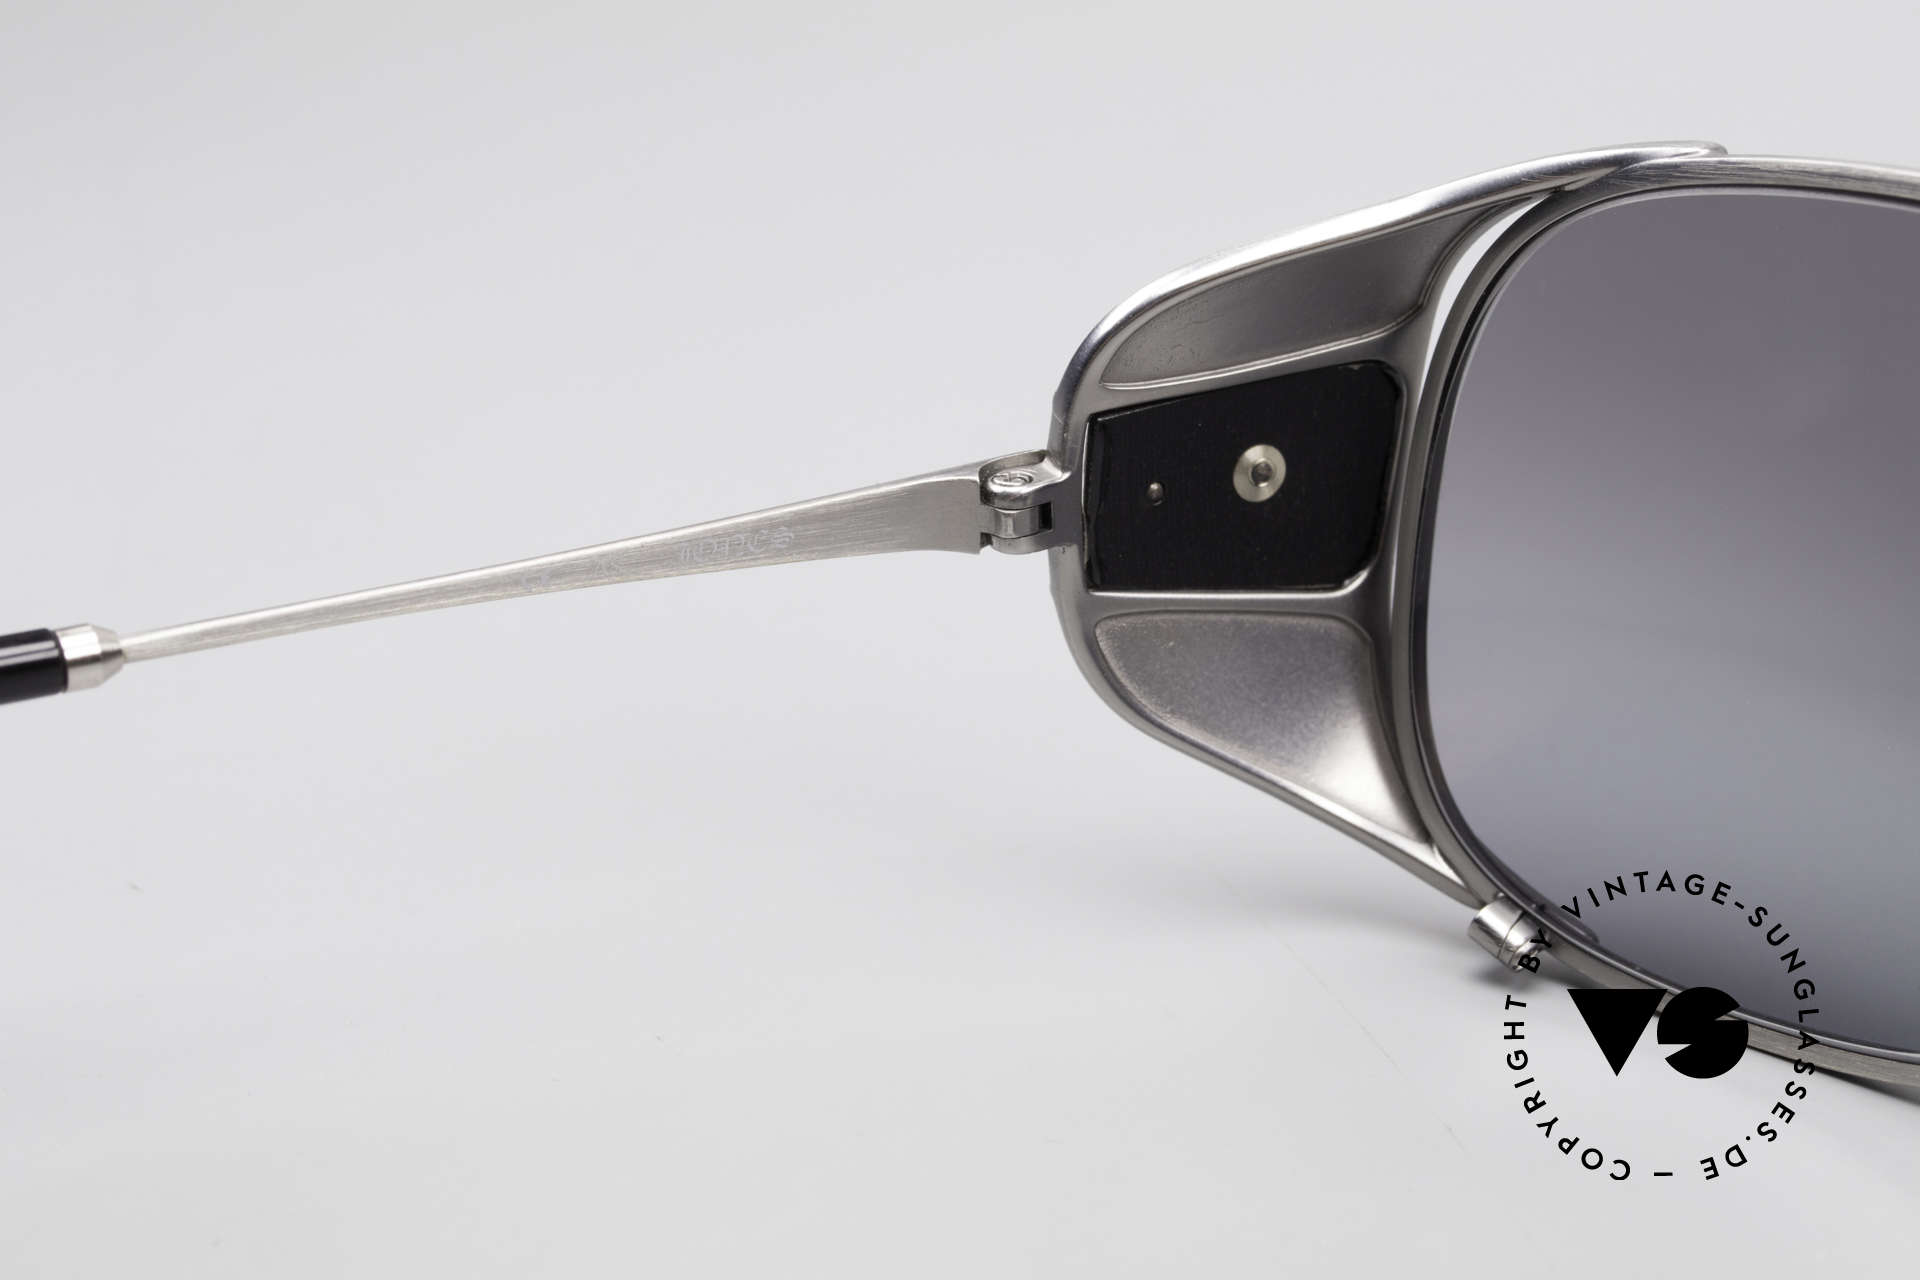 Chrome Hearts Jones Luxus Sonnenbrille Für Kenner, leicht verspiegelte Sonnengläser (100% UV prot.), Passend für Herren